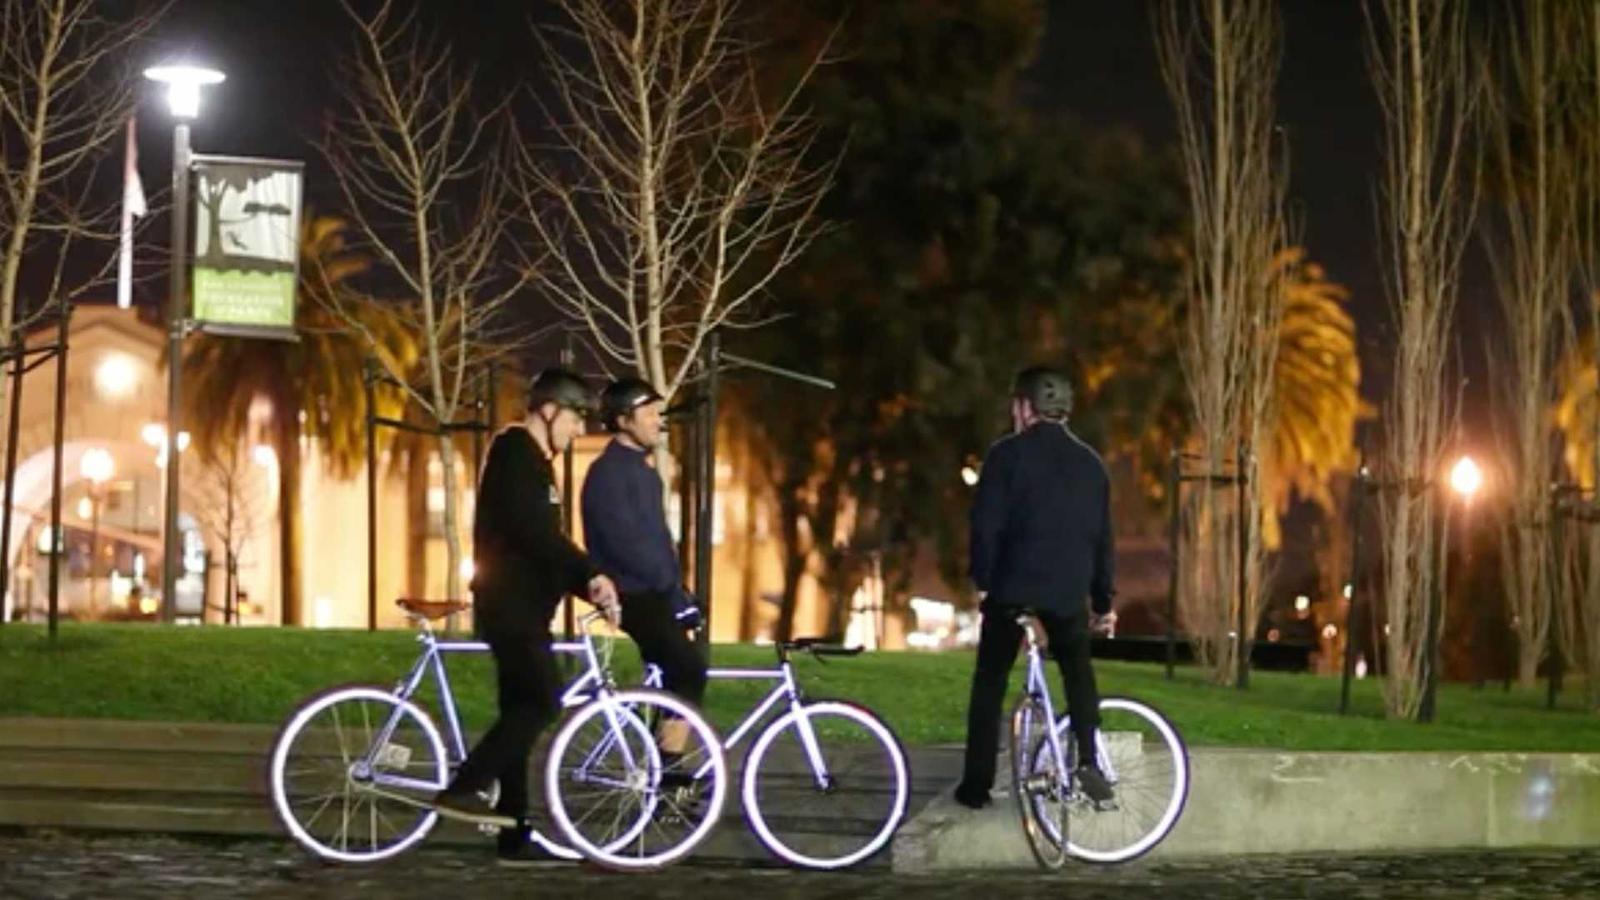 lumen reflektierendes fahrrad verspricht mehr sicherheit und die nacht sie leuchtet das filter. Black Bedroom Furniture Sets. Home Design Ideas